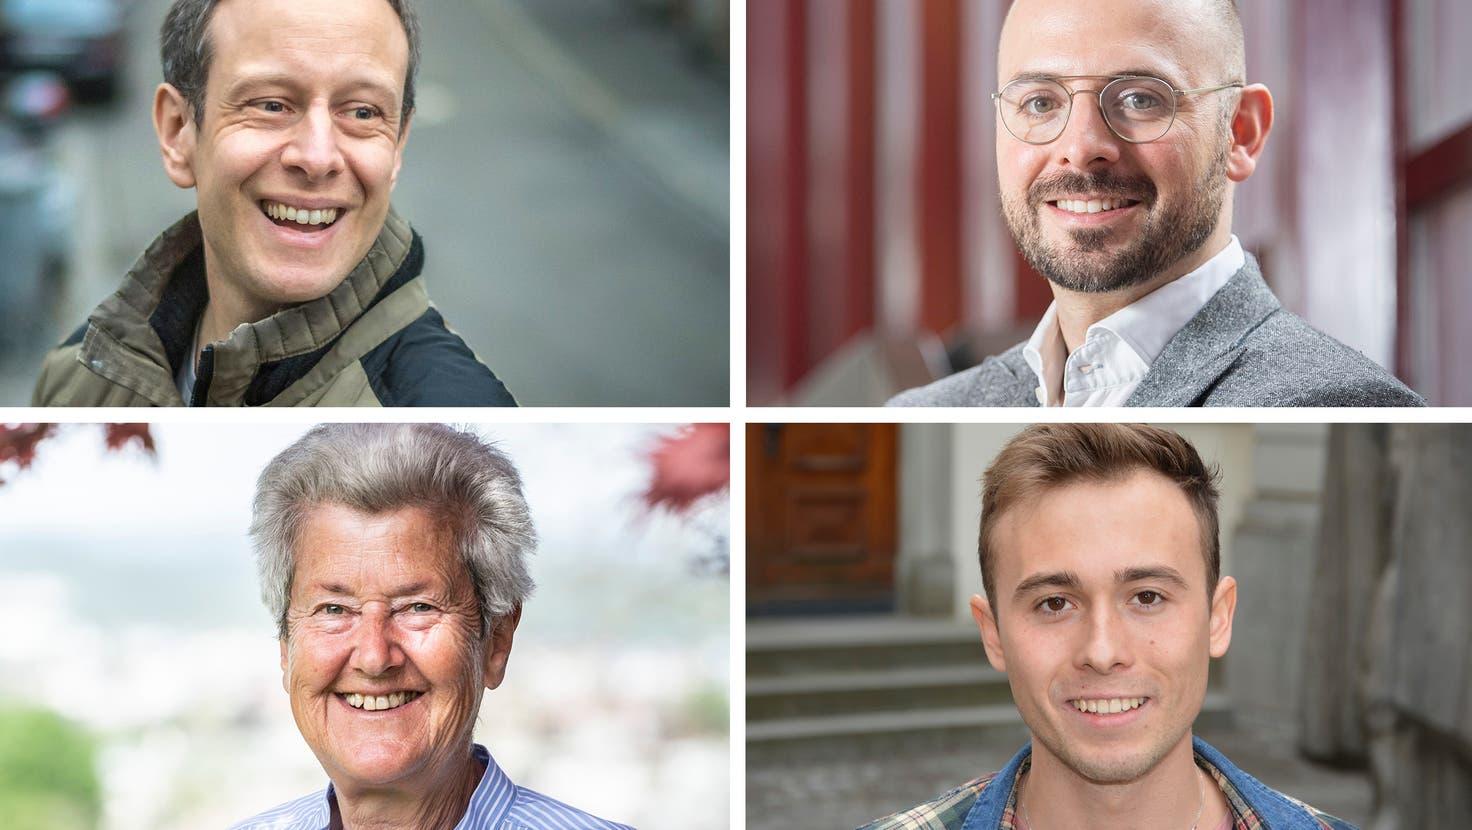 Gleichgeschlechtliche Paare dürfen nun auch in der Schweiz heiraten. (Bild: Getty)